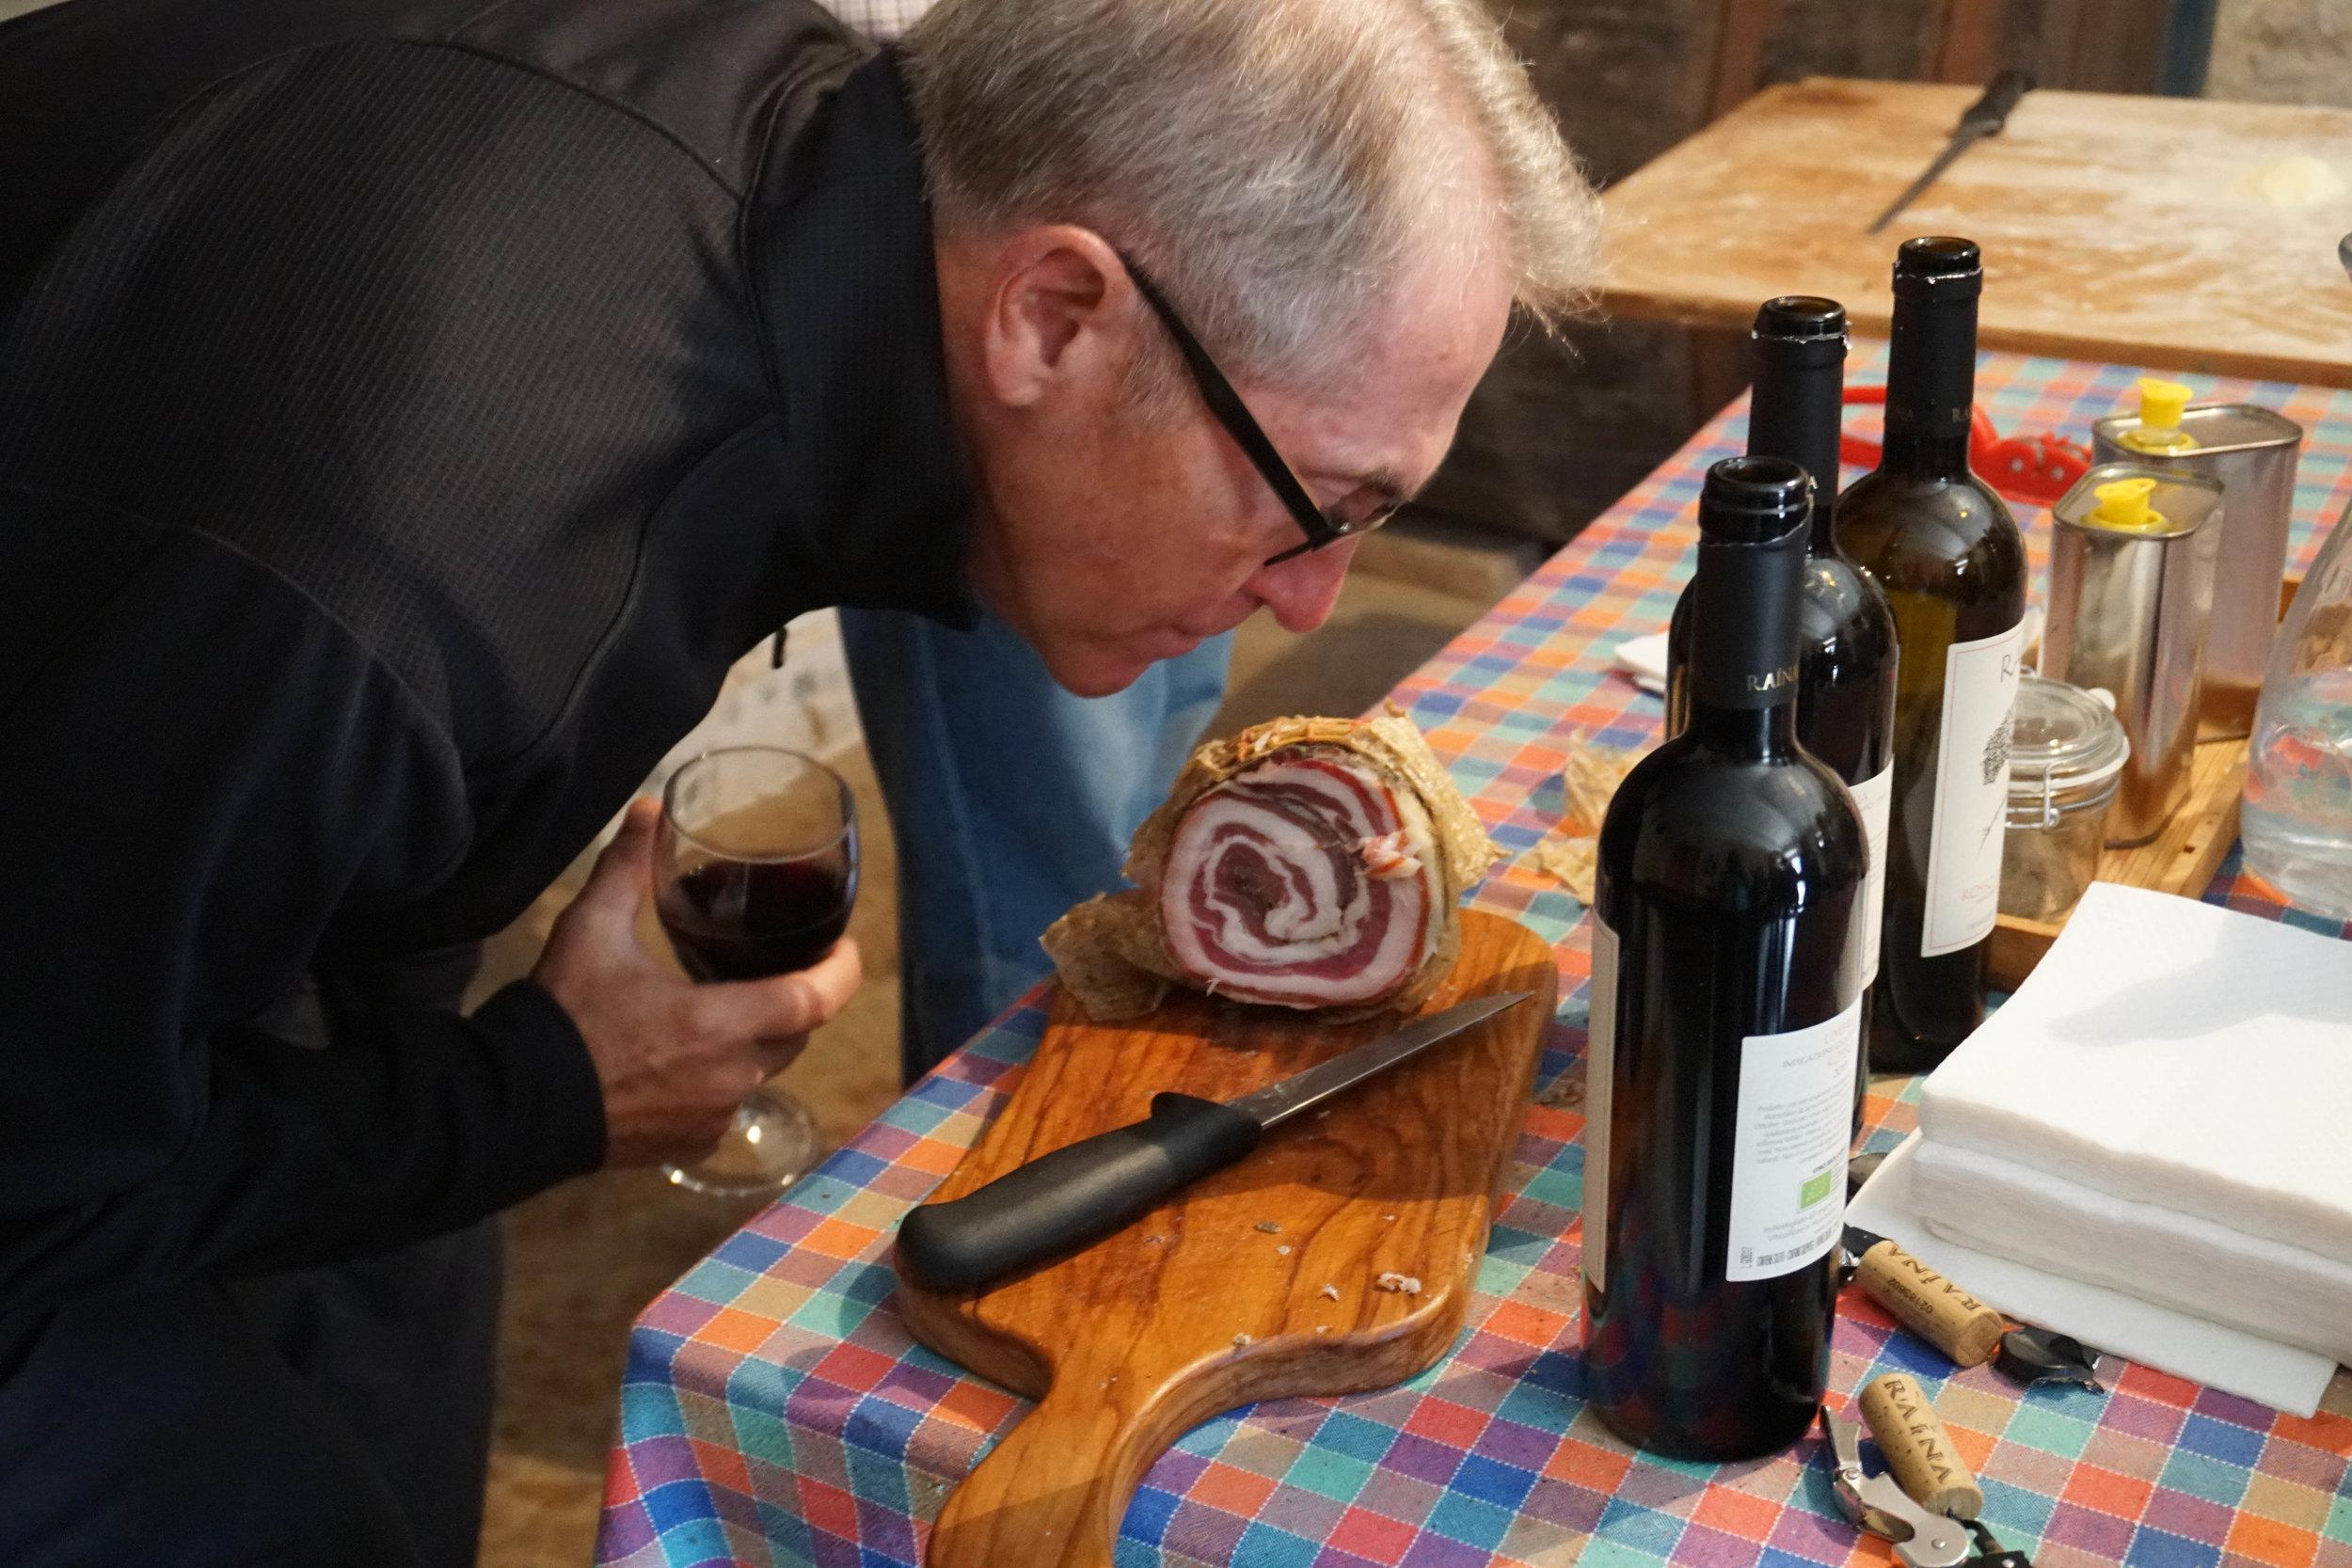 chefstour17_trufflehunt_umbria_9637.jpg